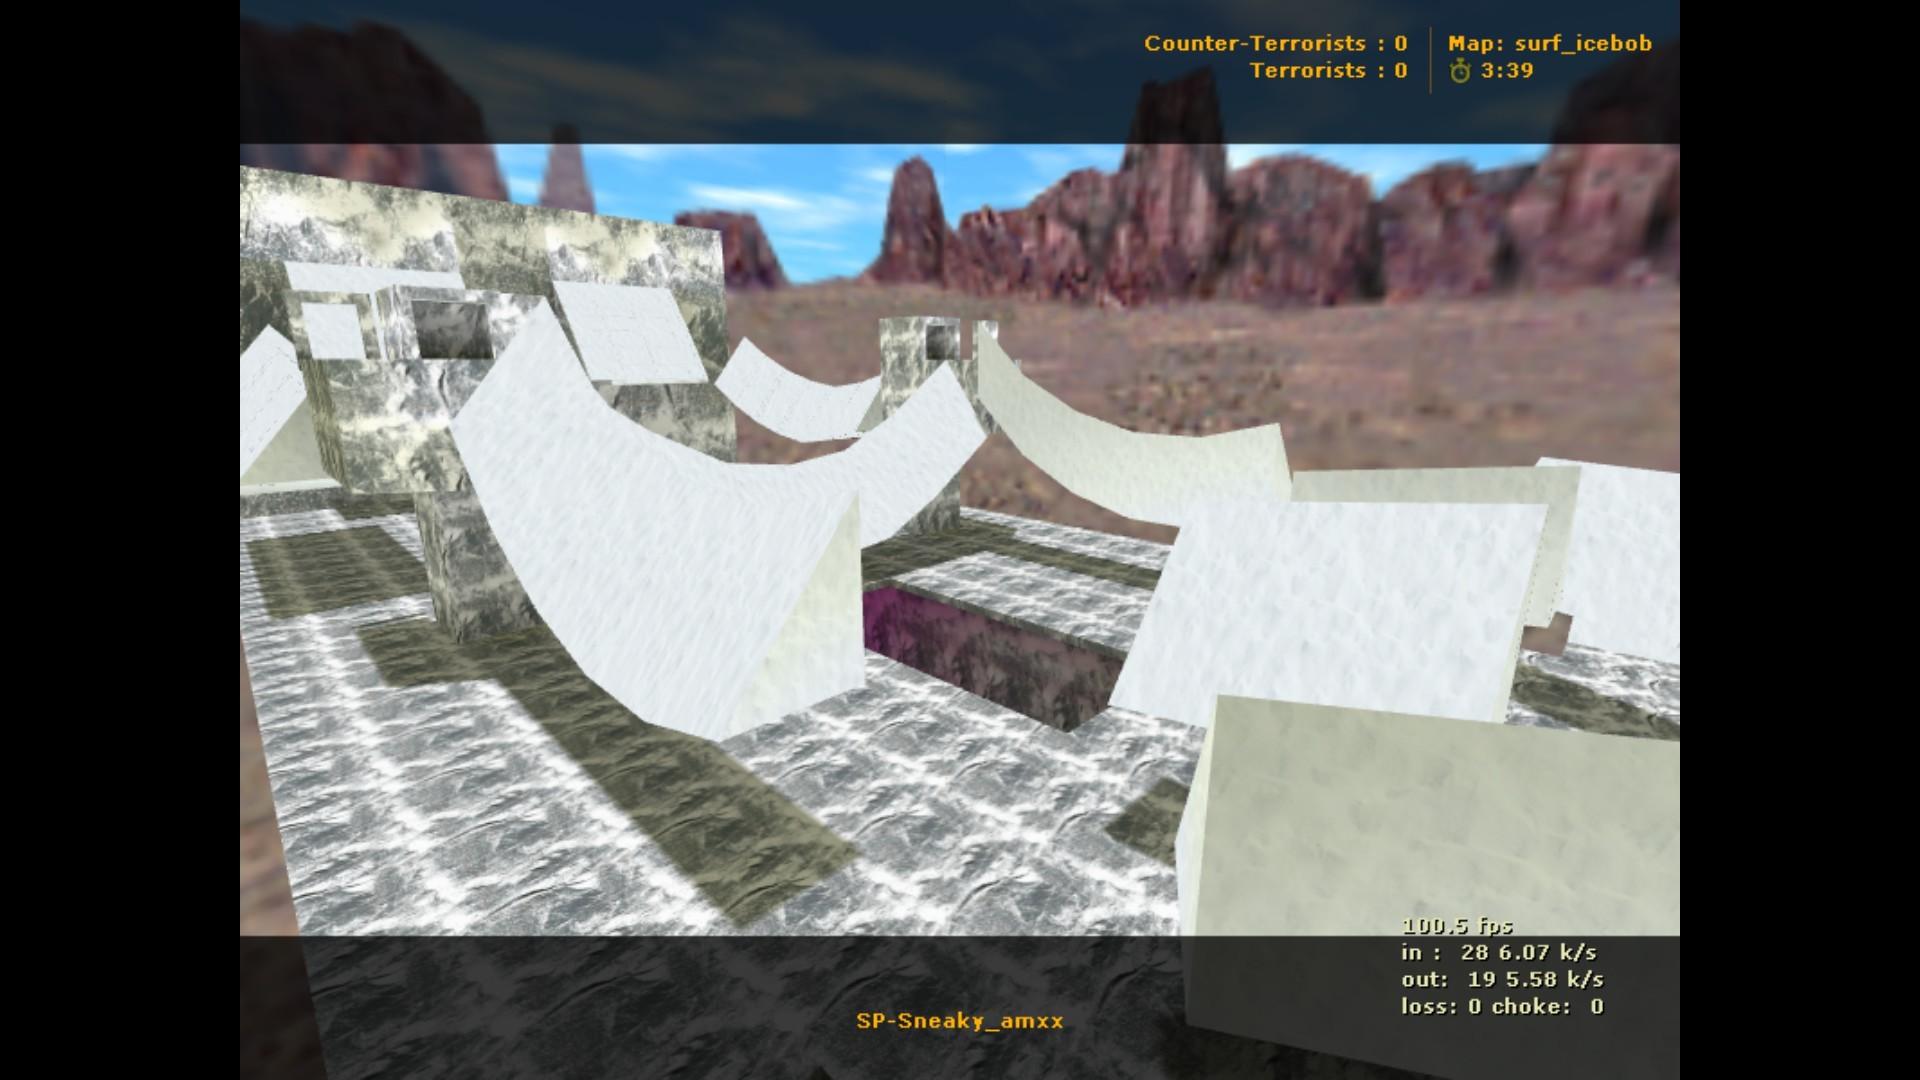 دانلود مپ سورف surf_icebob برای کانتر استریک 1.6